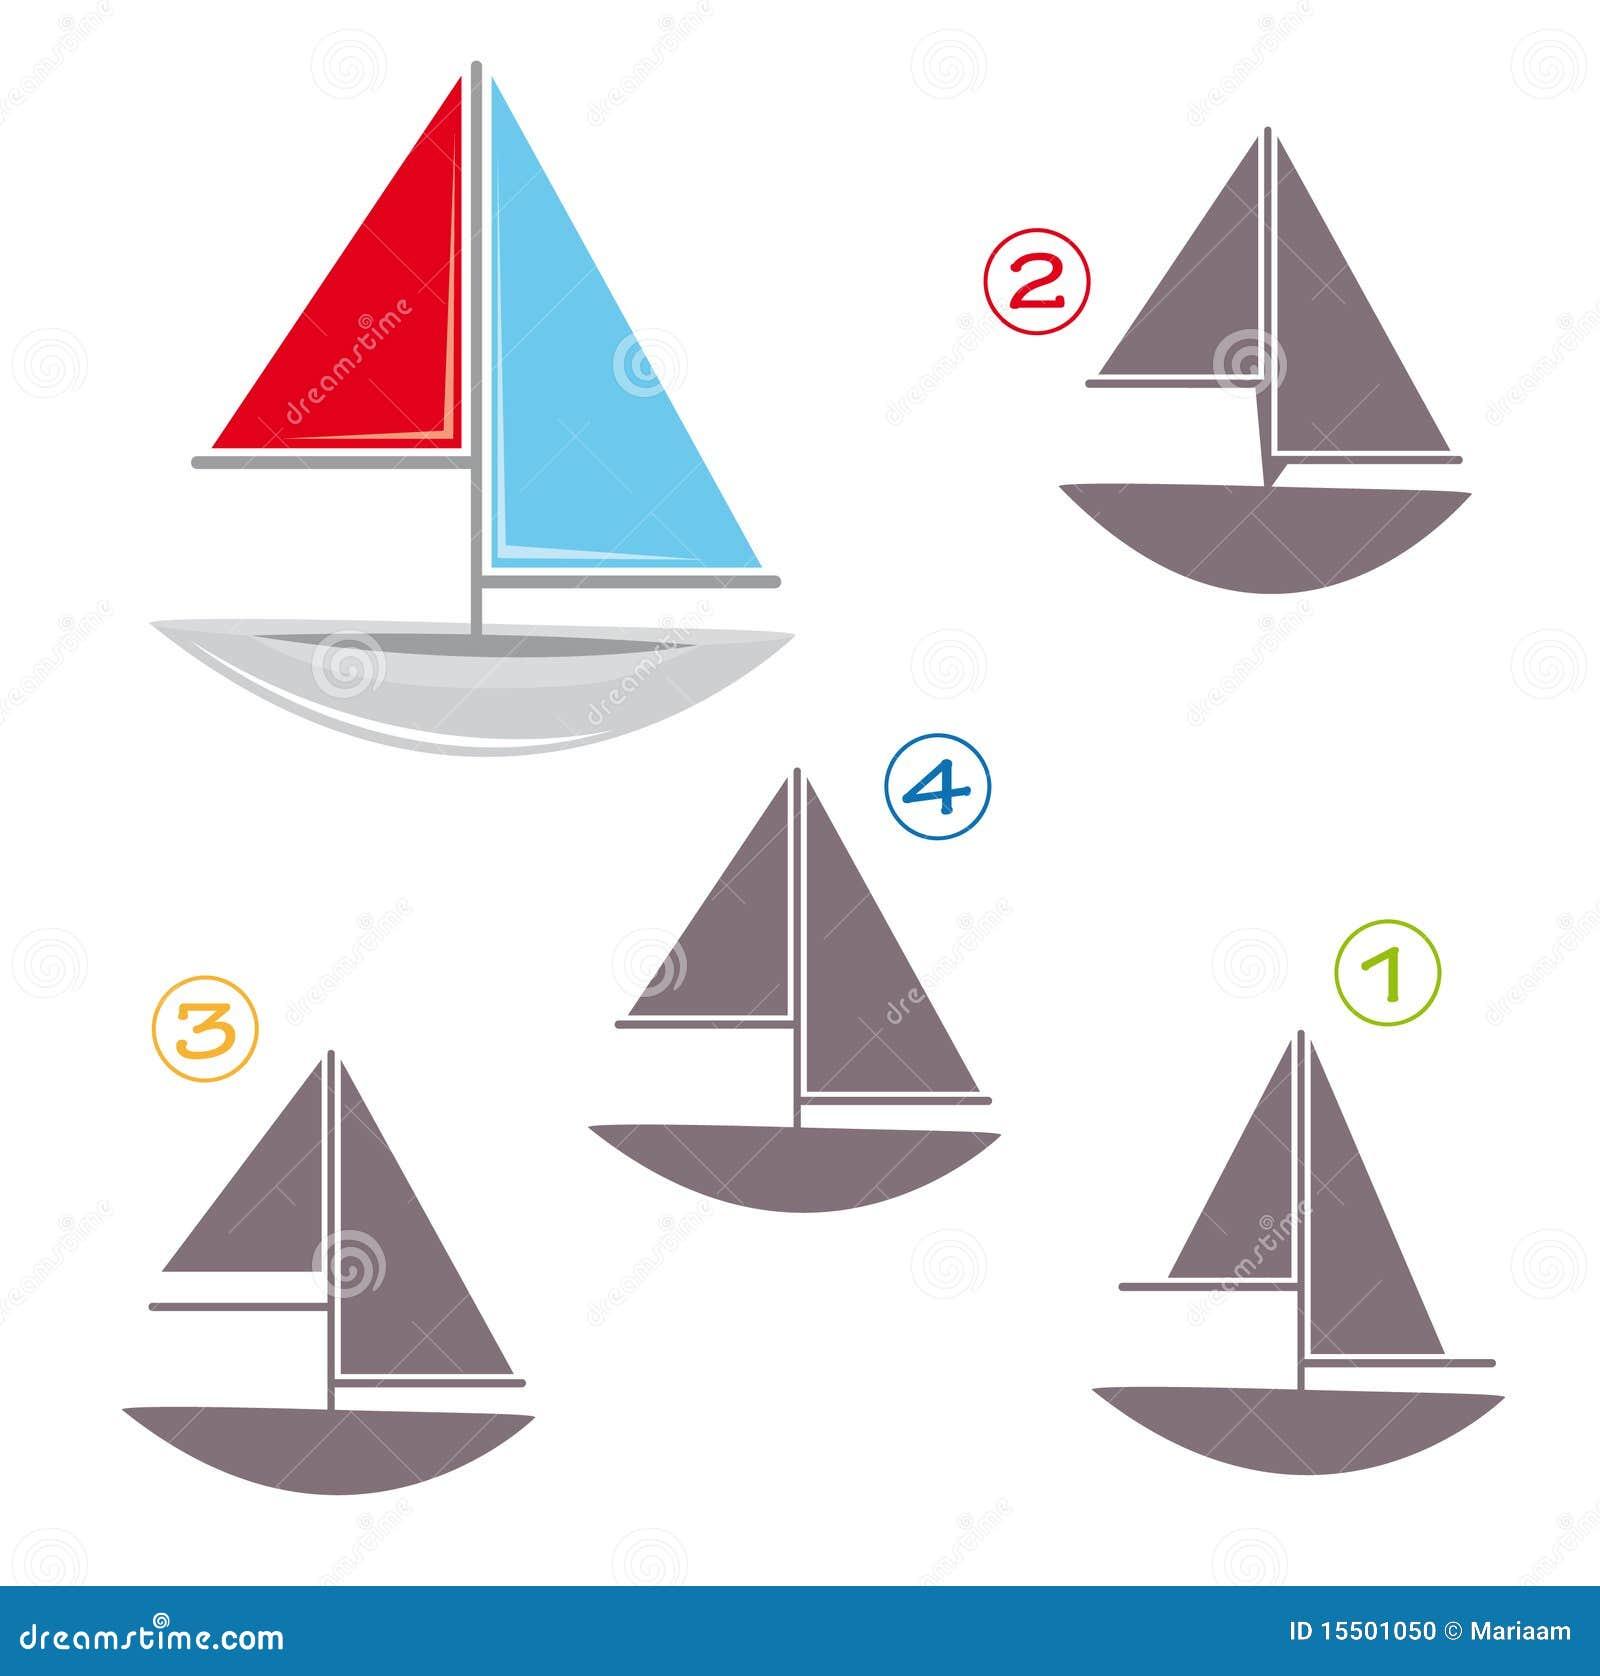 Gioco di figura - la barca a vela